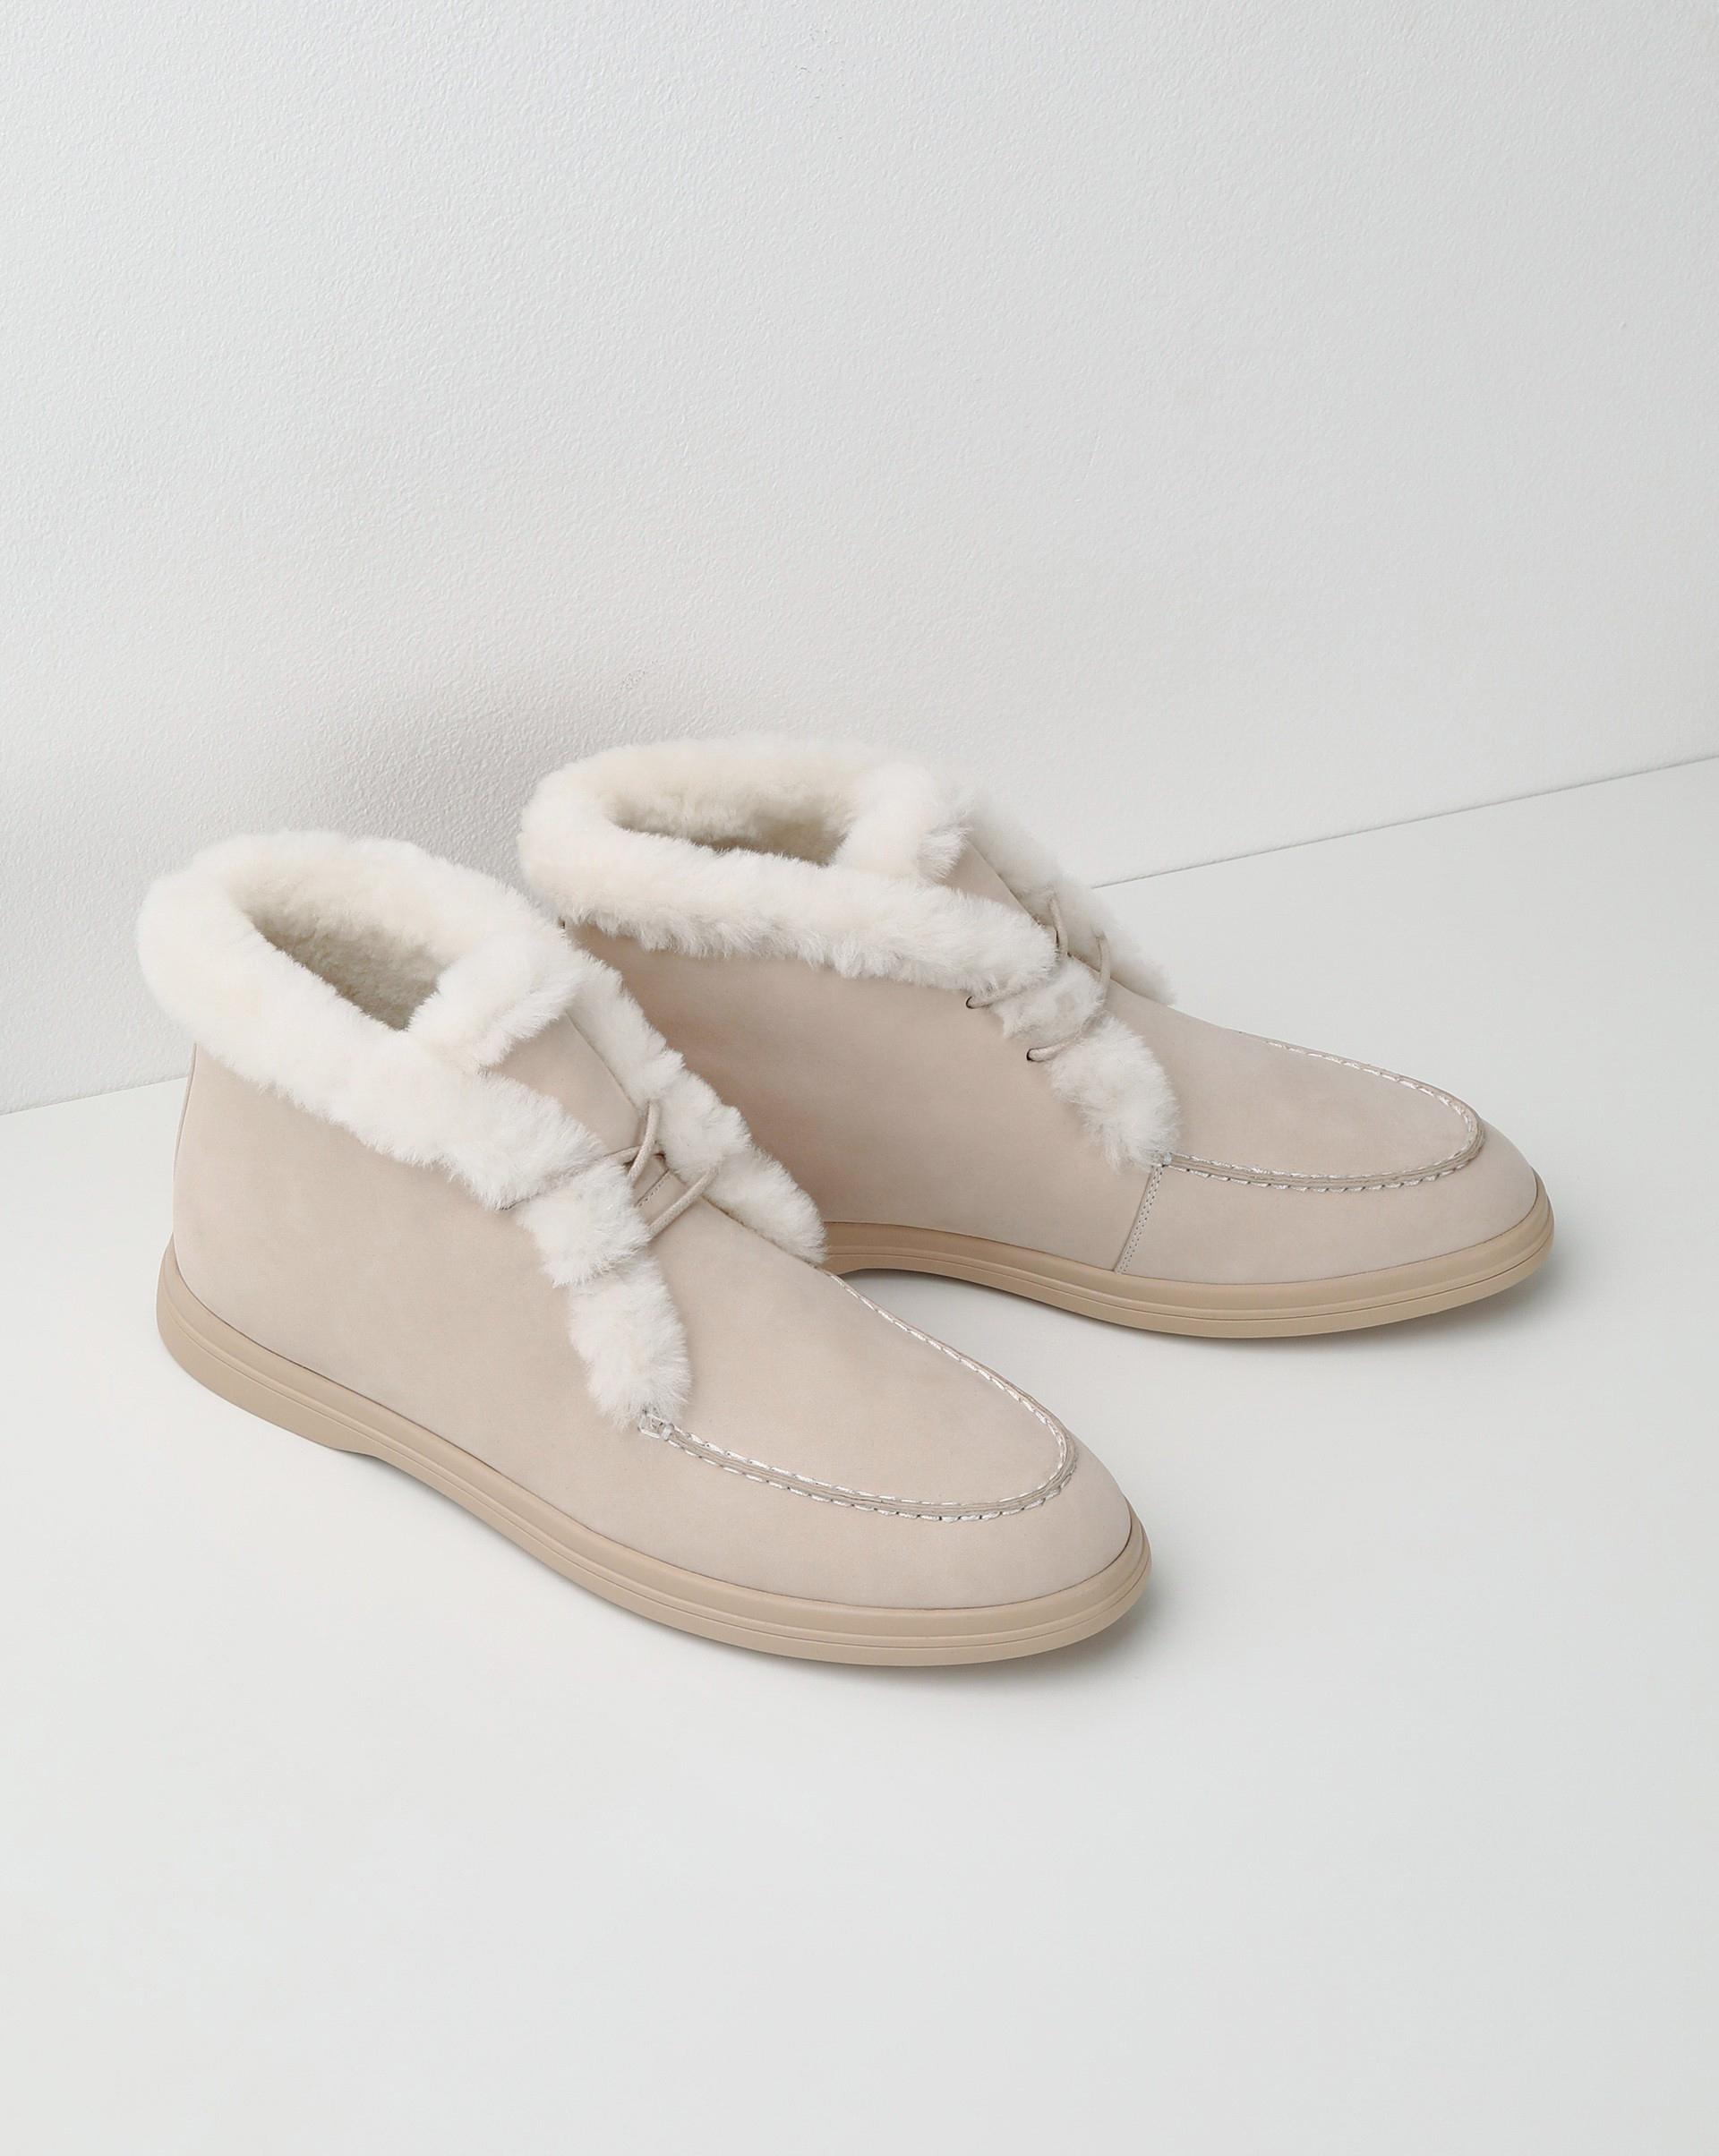 12⠀STOREEZ Ботинки с мехом на шнурках 12⠀storeez ботинки высокие с мехом